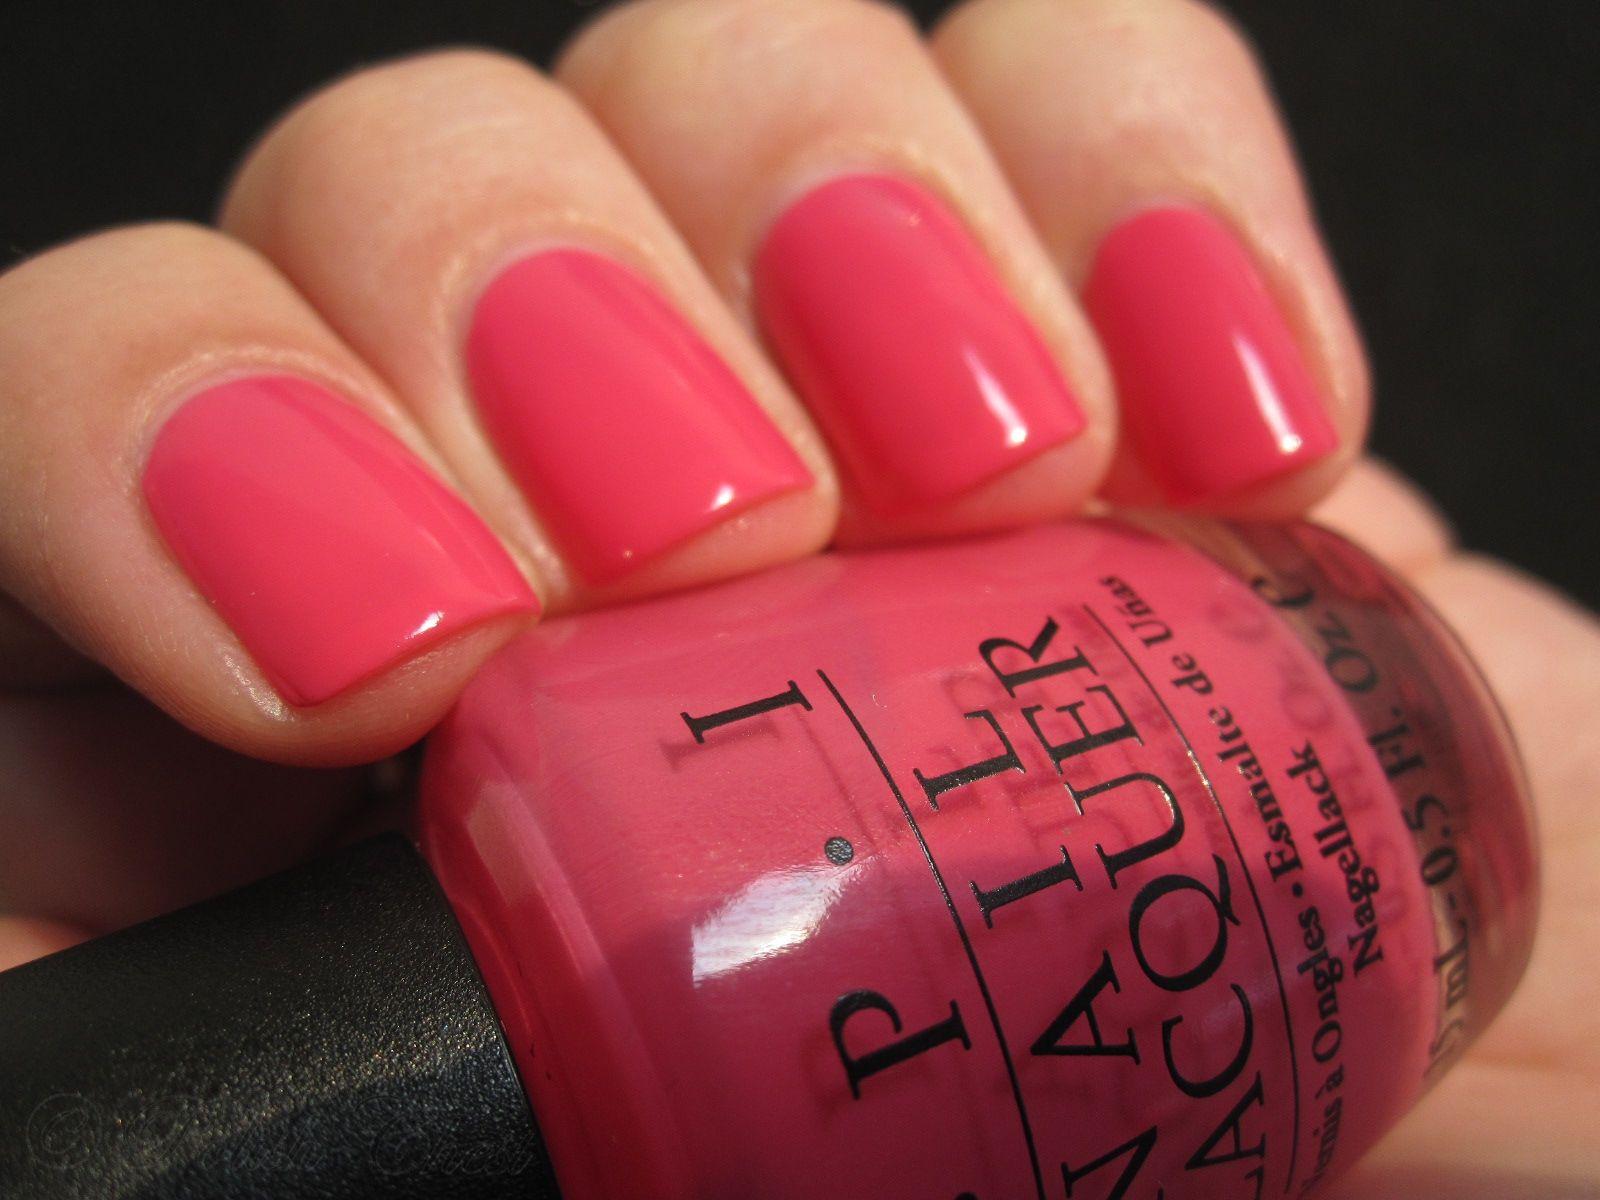 Pin By Katerina Rihova On Hair Makeup Nails Nails Nail Polish Nail Colors